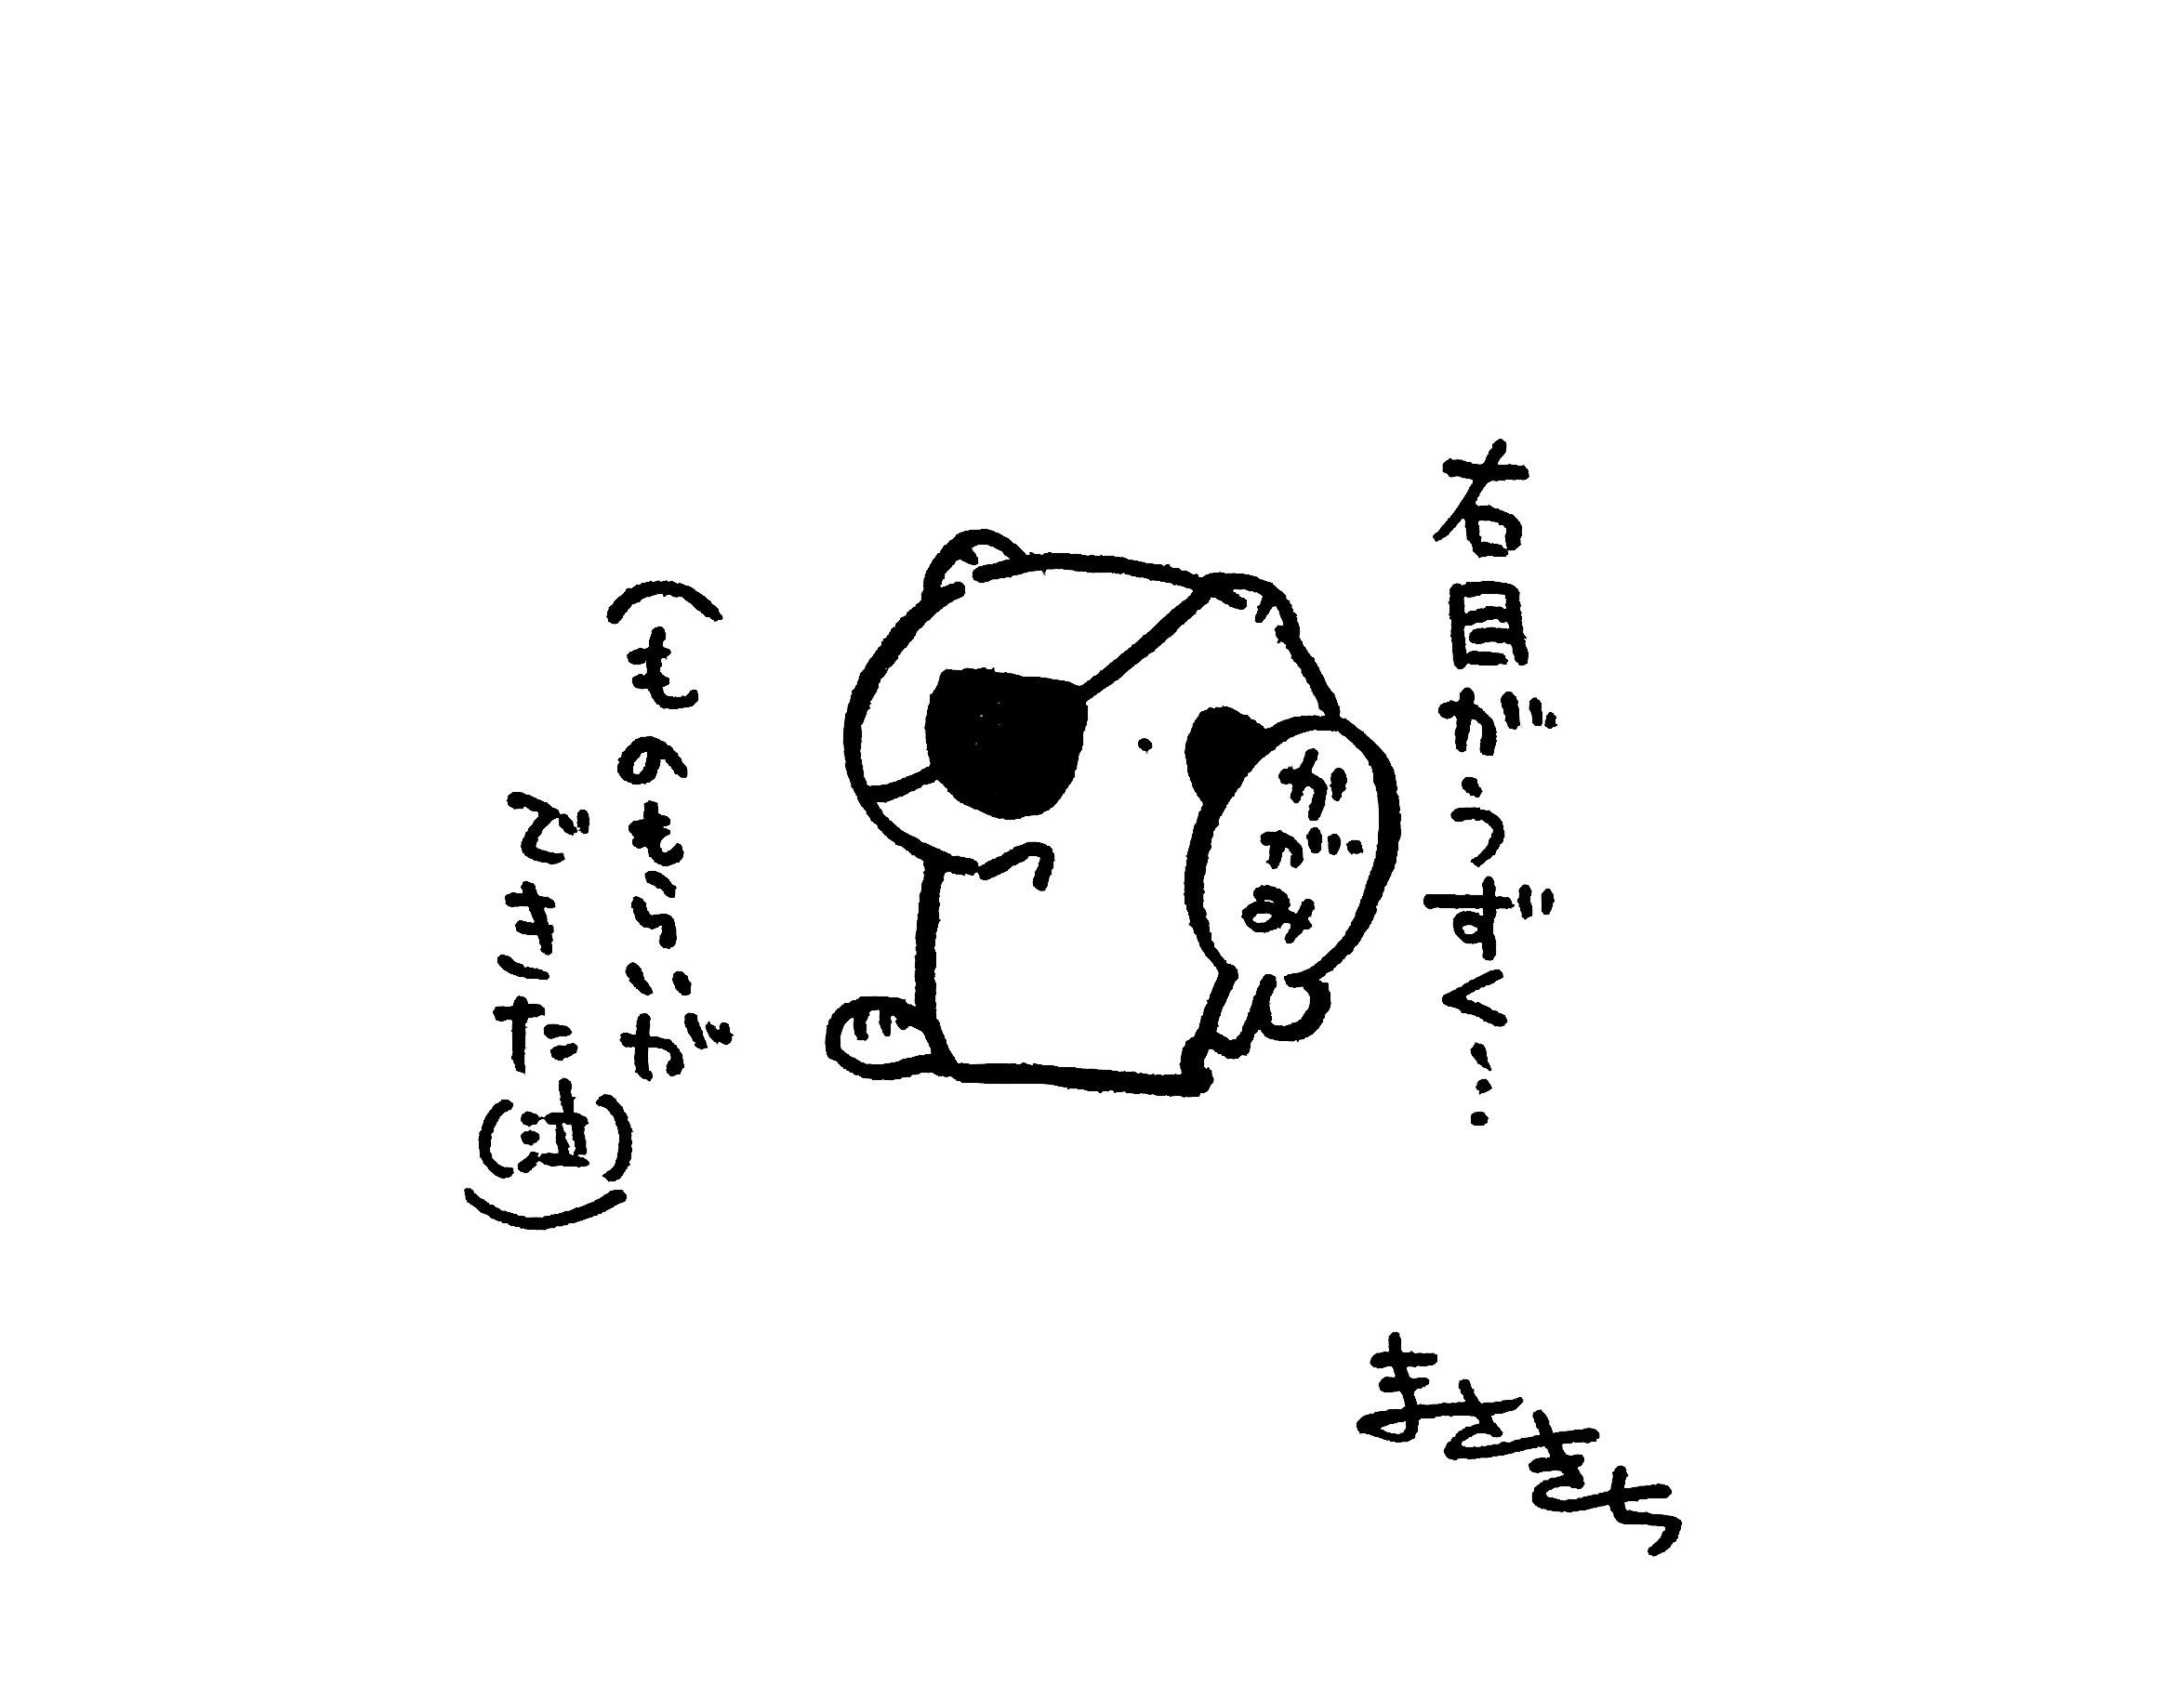 f:id:miyamasaki:20171026022652j:image